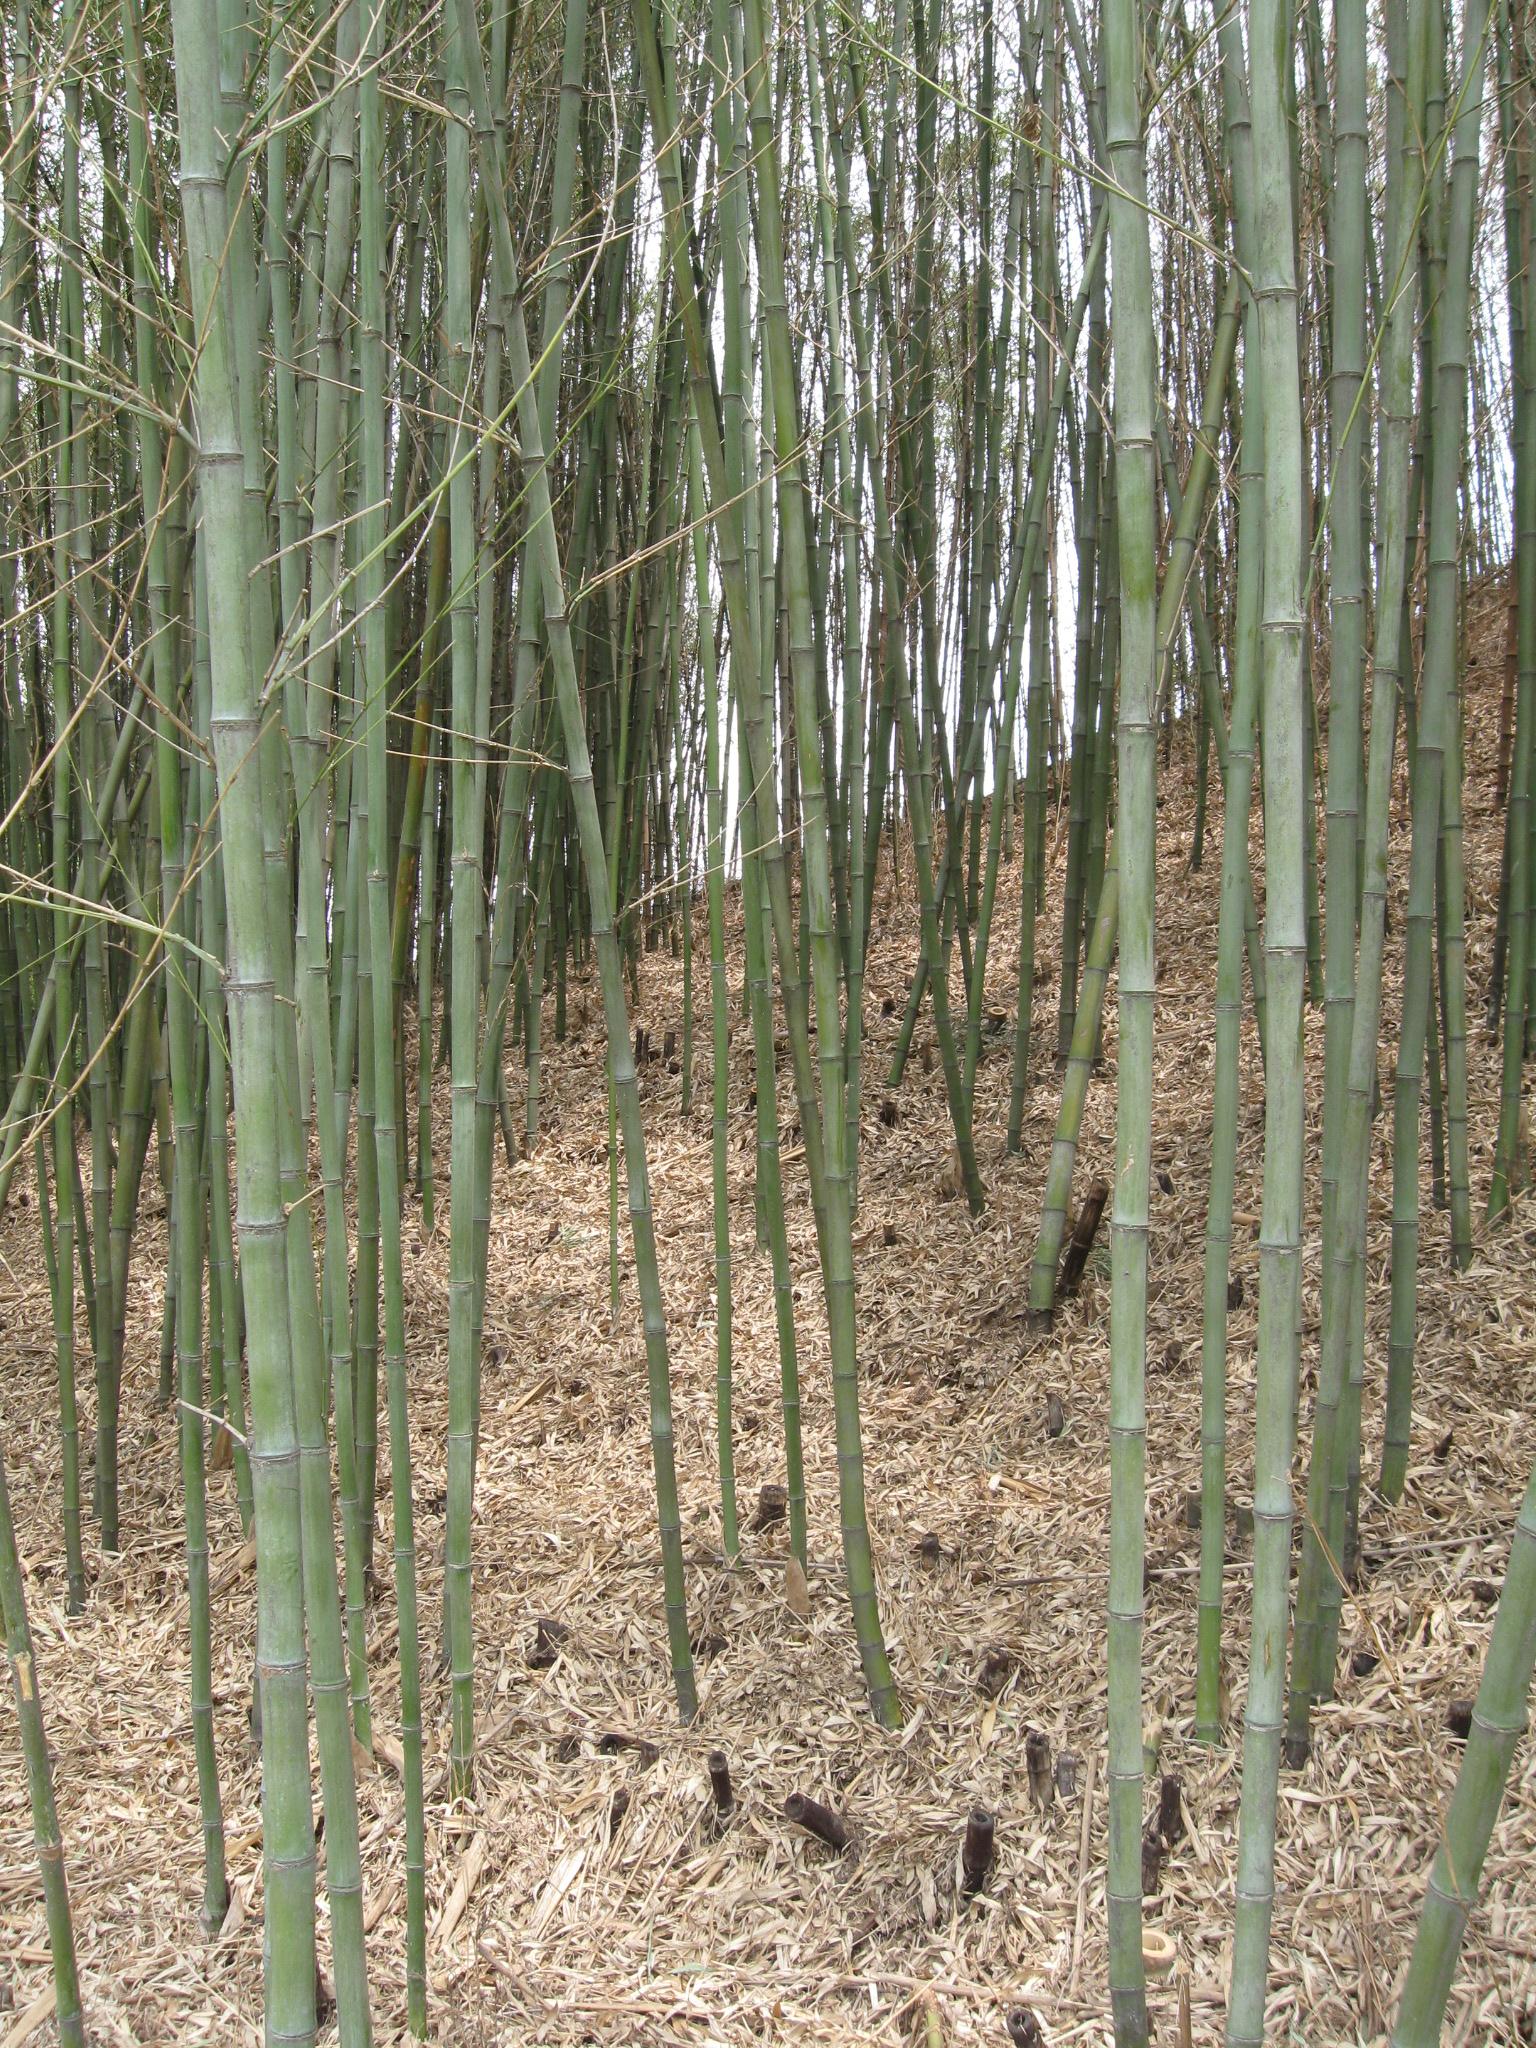 Bambus, Das Ganz Besondere Gras. Roman U0026 Daniela Jost Möbel Im  Traditionellen Koreanischen Und Japanischen Stil. Ikebana Unterricht Und  Zubehör.